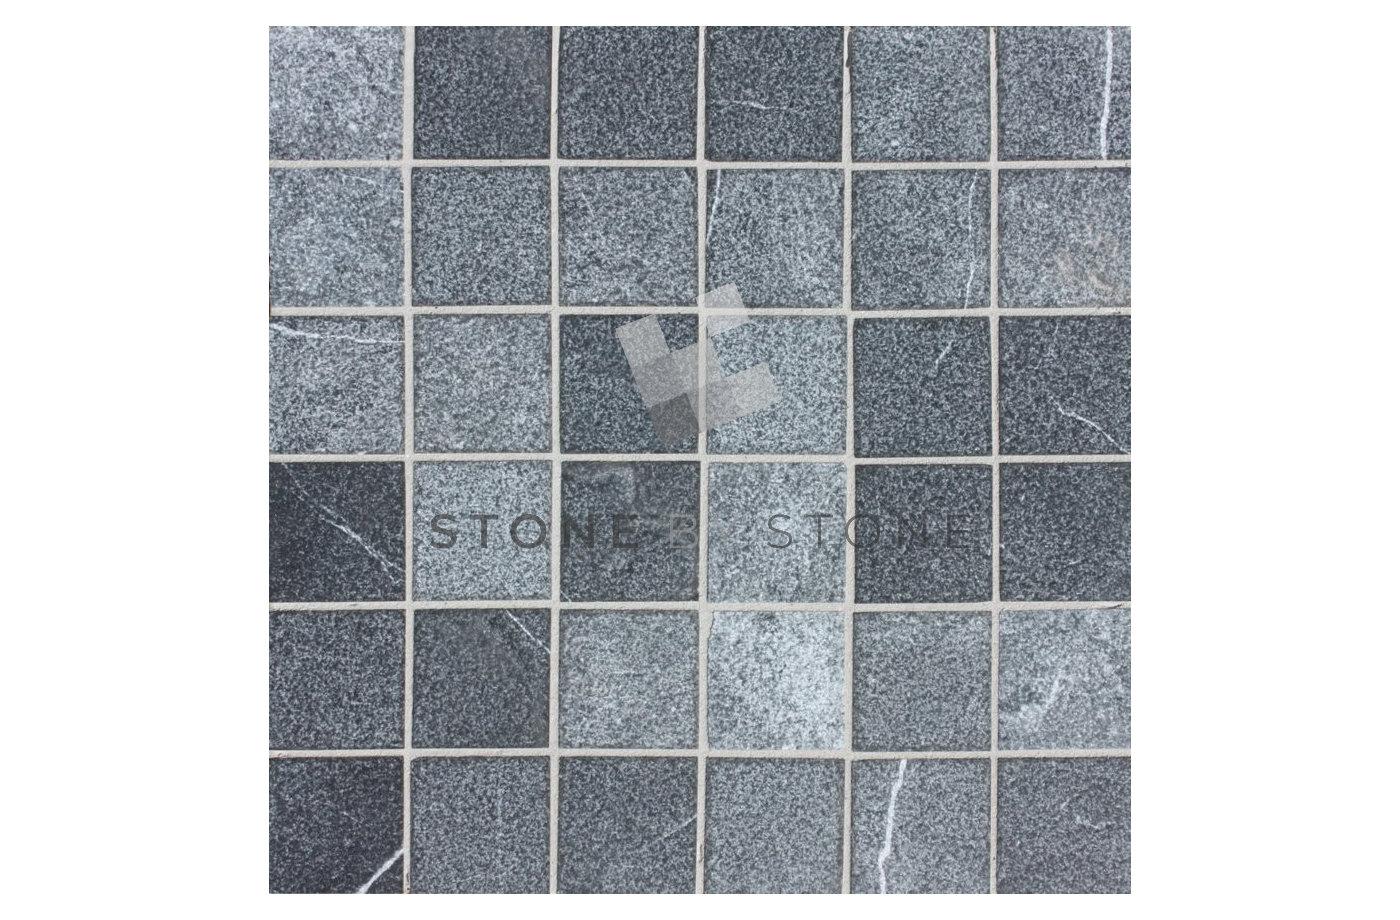 Mosaïque 4,8x4,8/1cm - Royal black - Gris anthracite